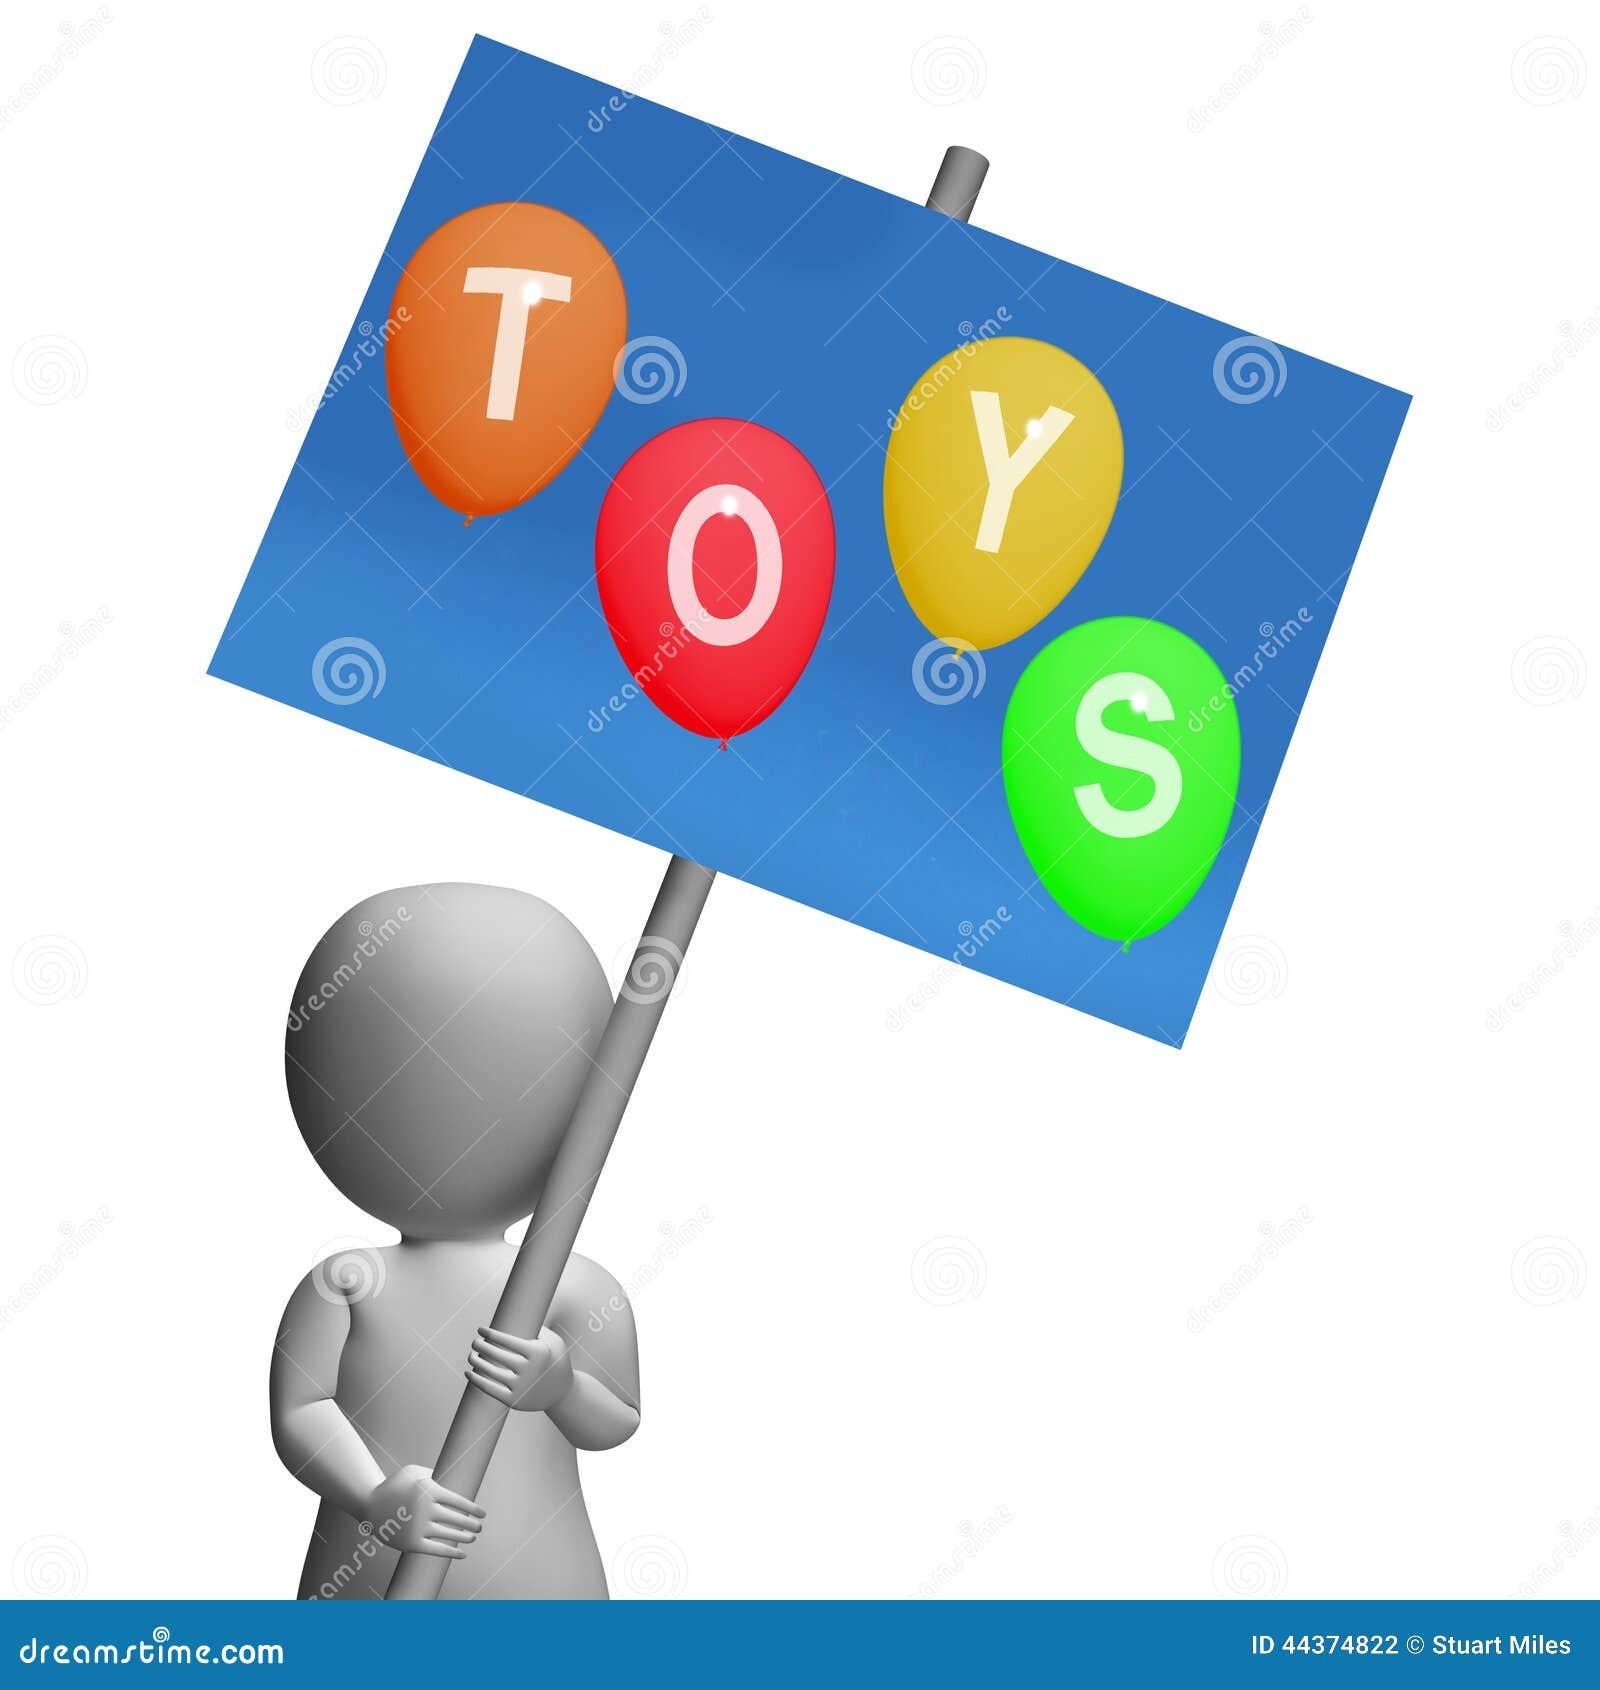 Il segno dei giocattoli rappresenta i bambini ed i giocattoli dei bambini